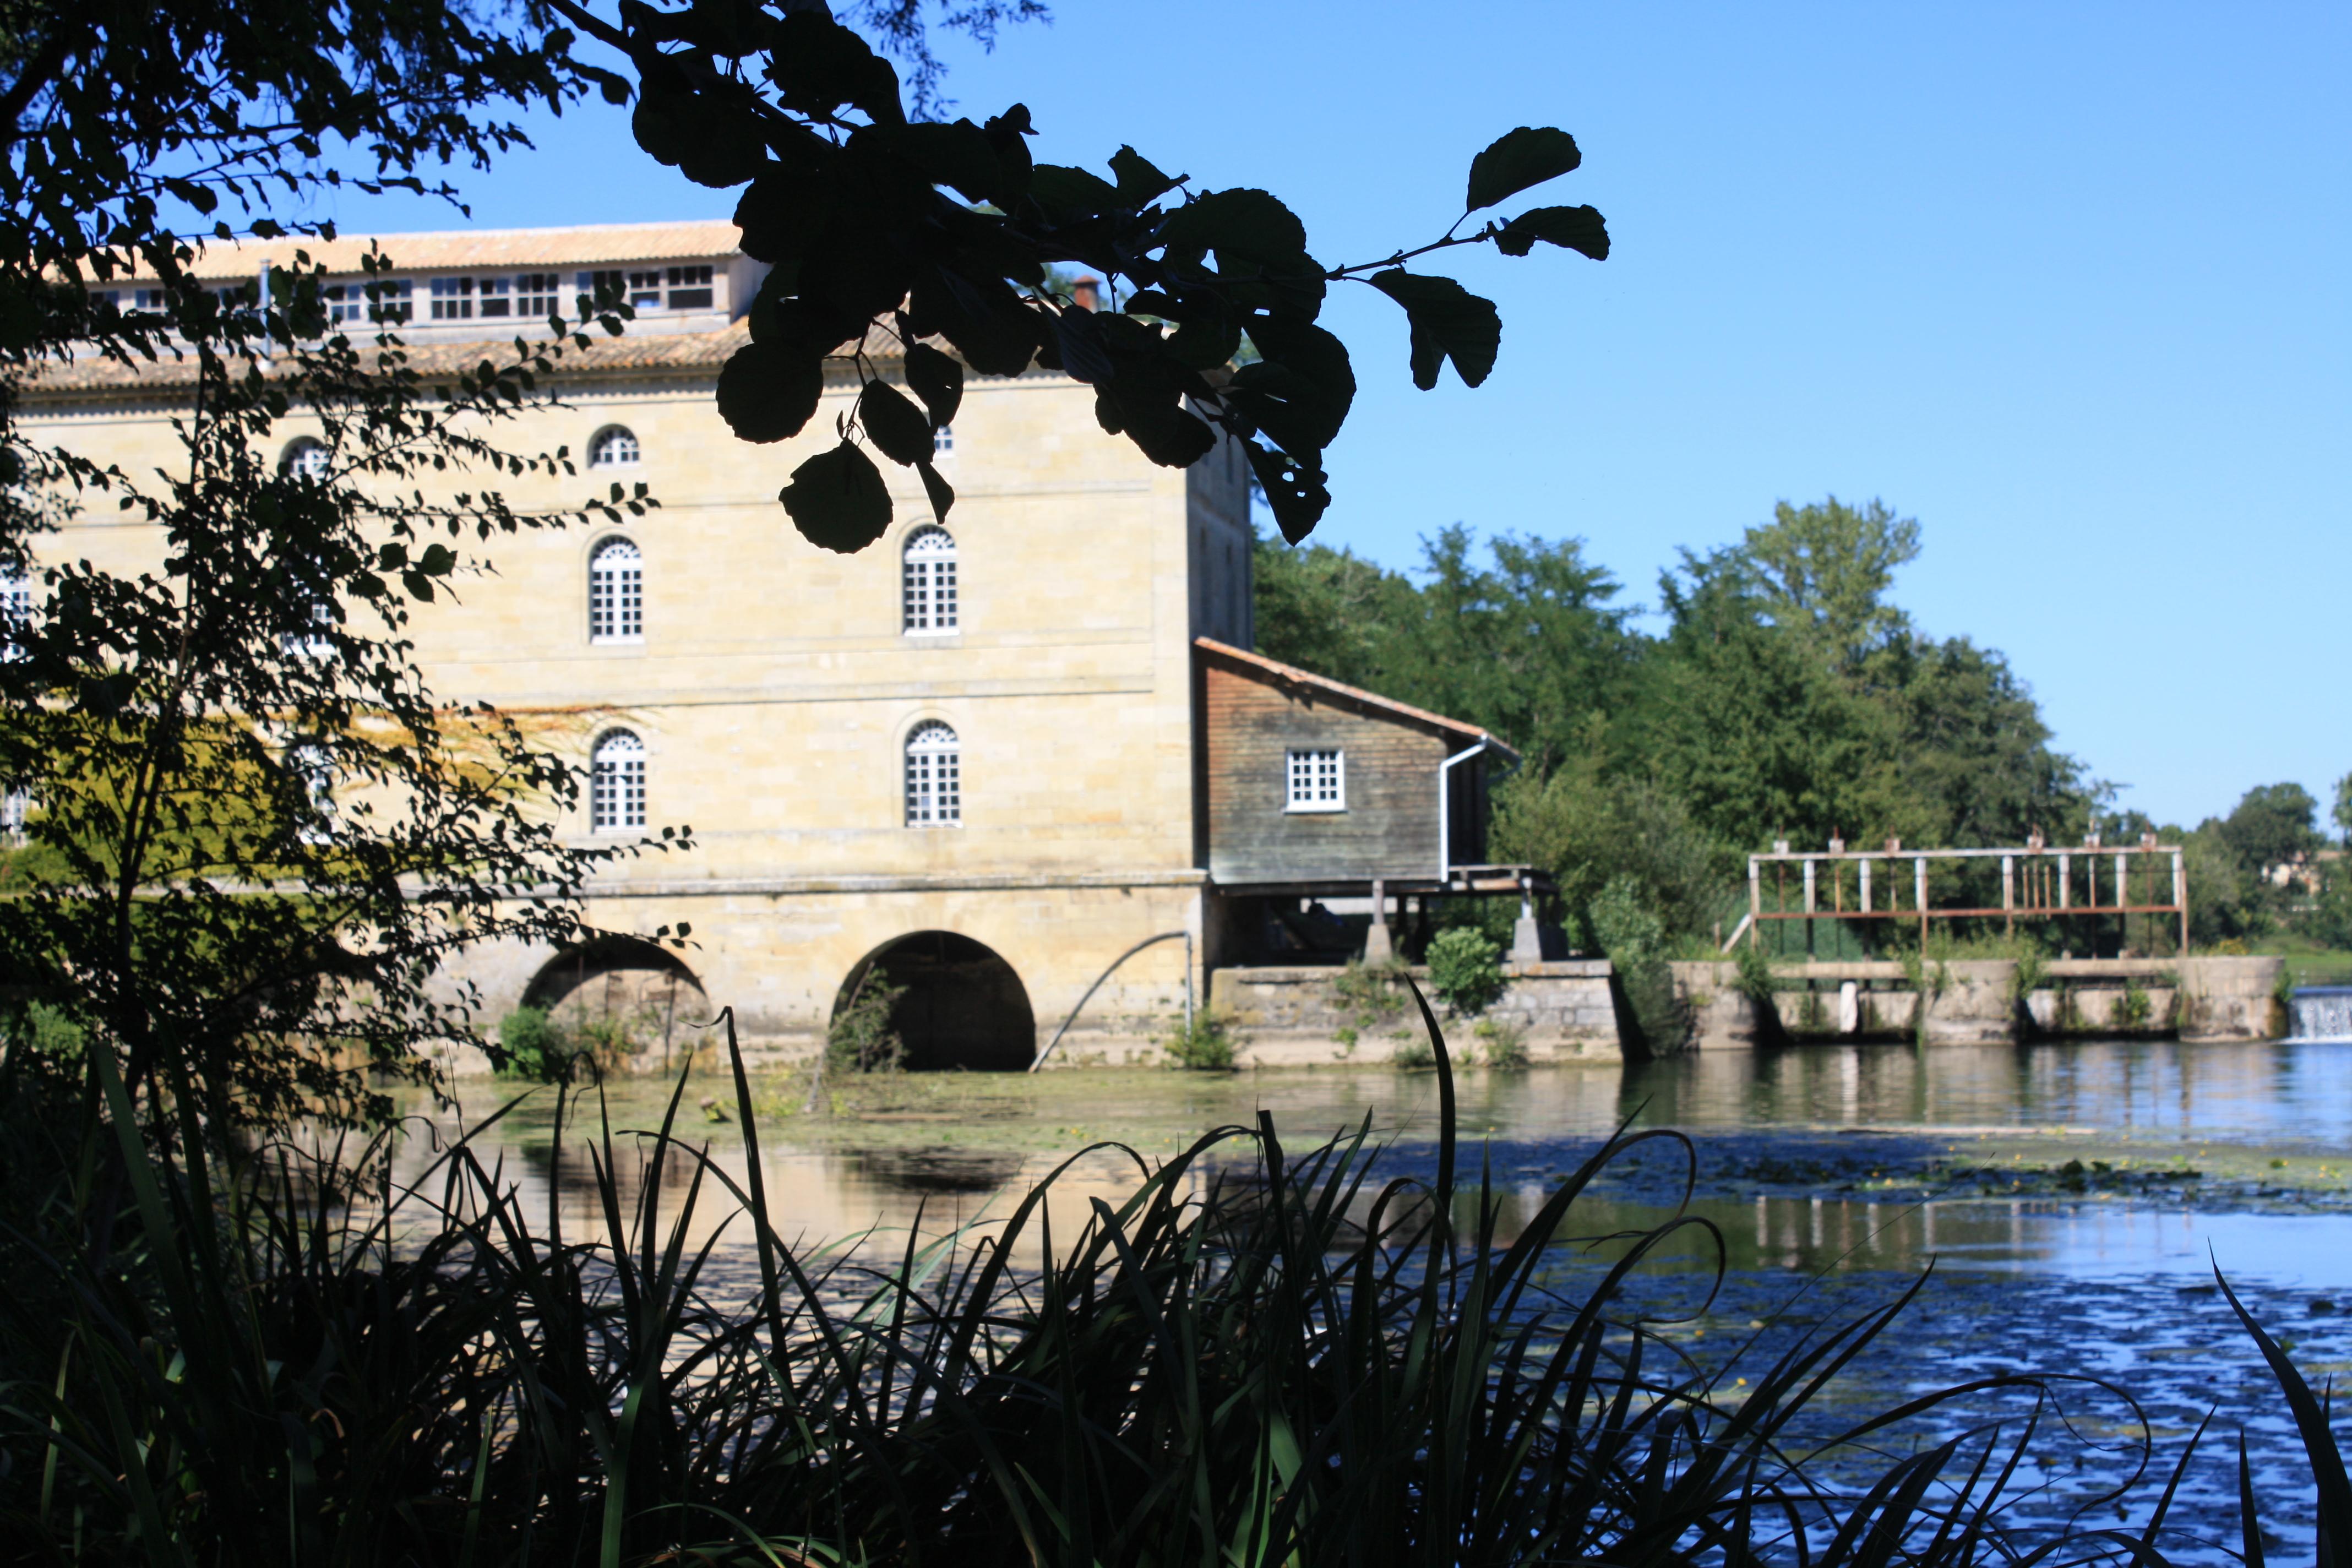 902-moulin_du_barrage_a_porcheres_en_gironde_.jpg